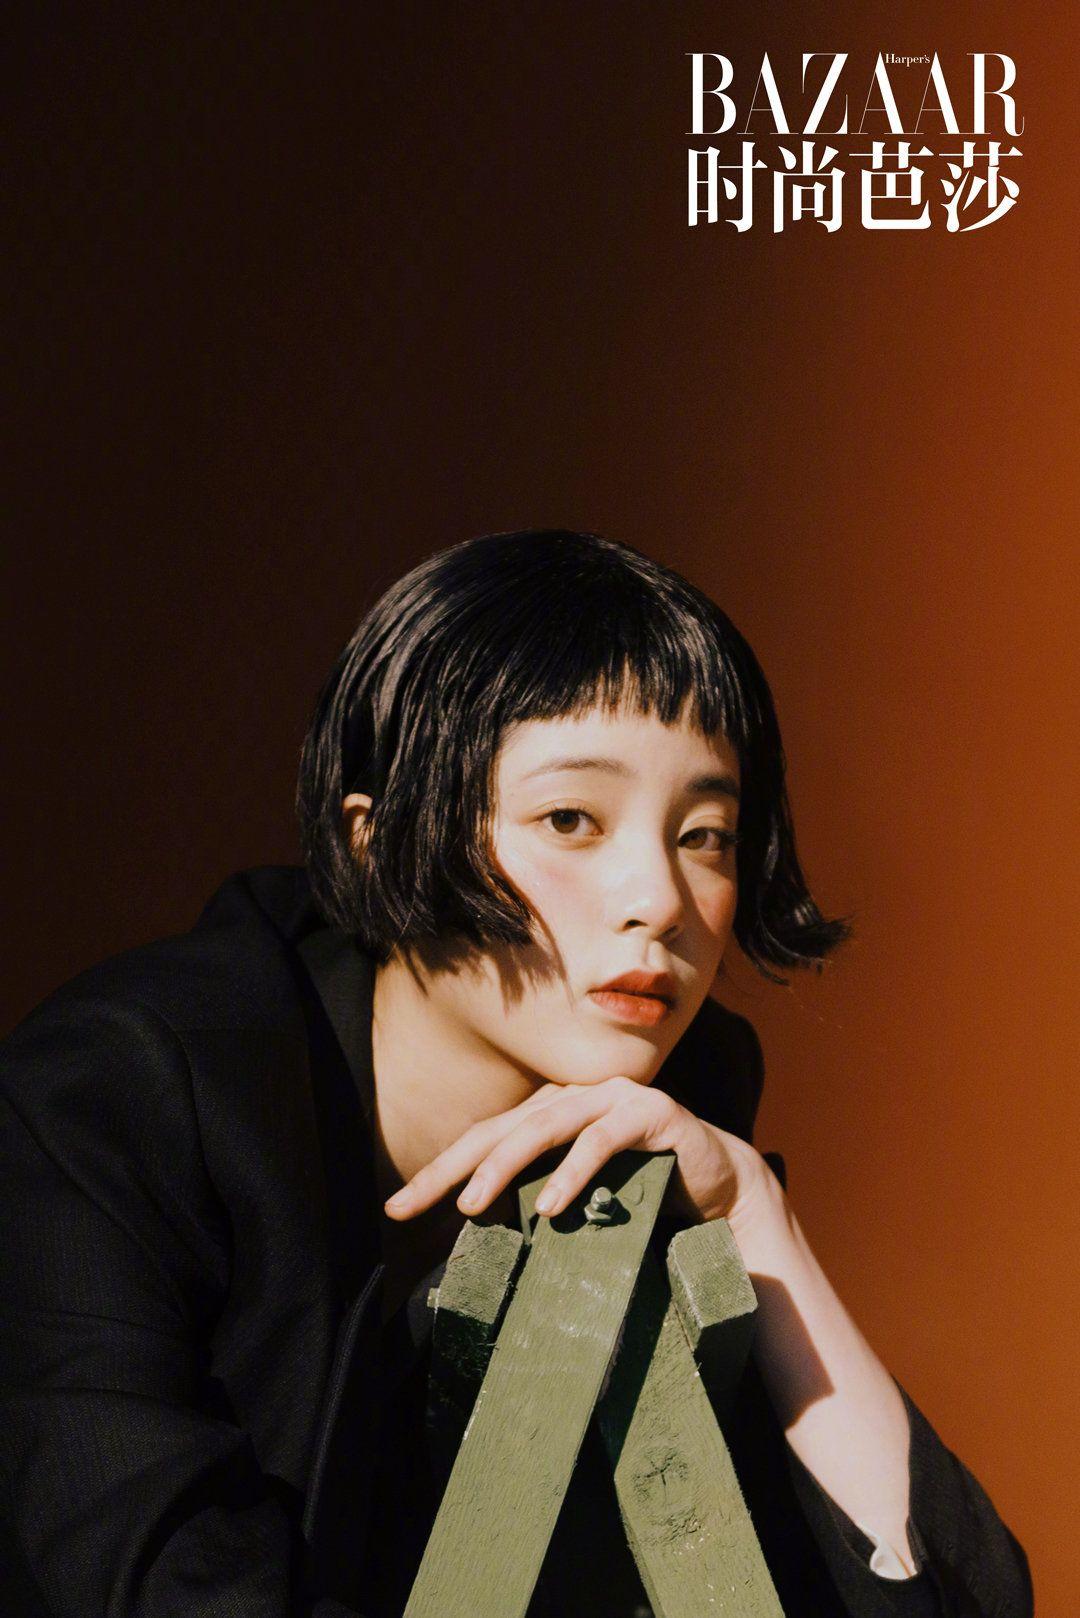 化妆小心机!看欧阳娜娜和大S分别演绎同型不同款的橙色系夏季妆容(下) v118.com